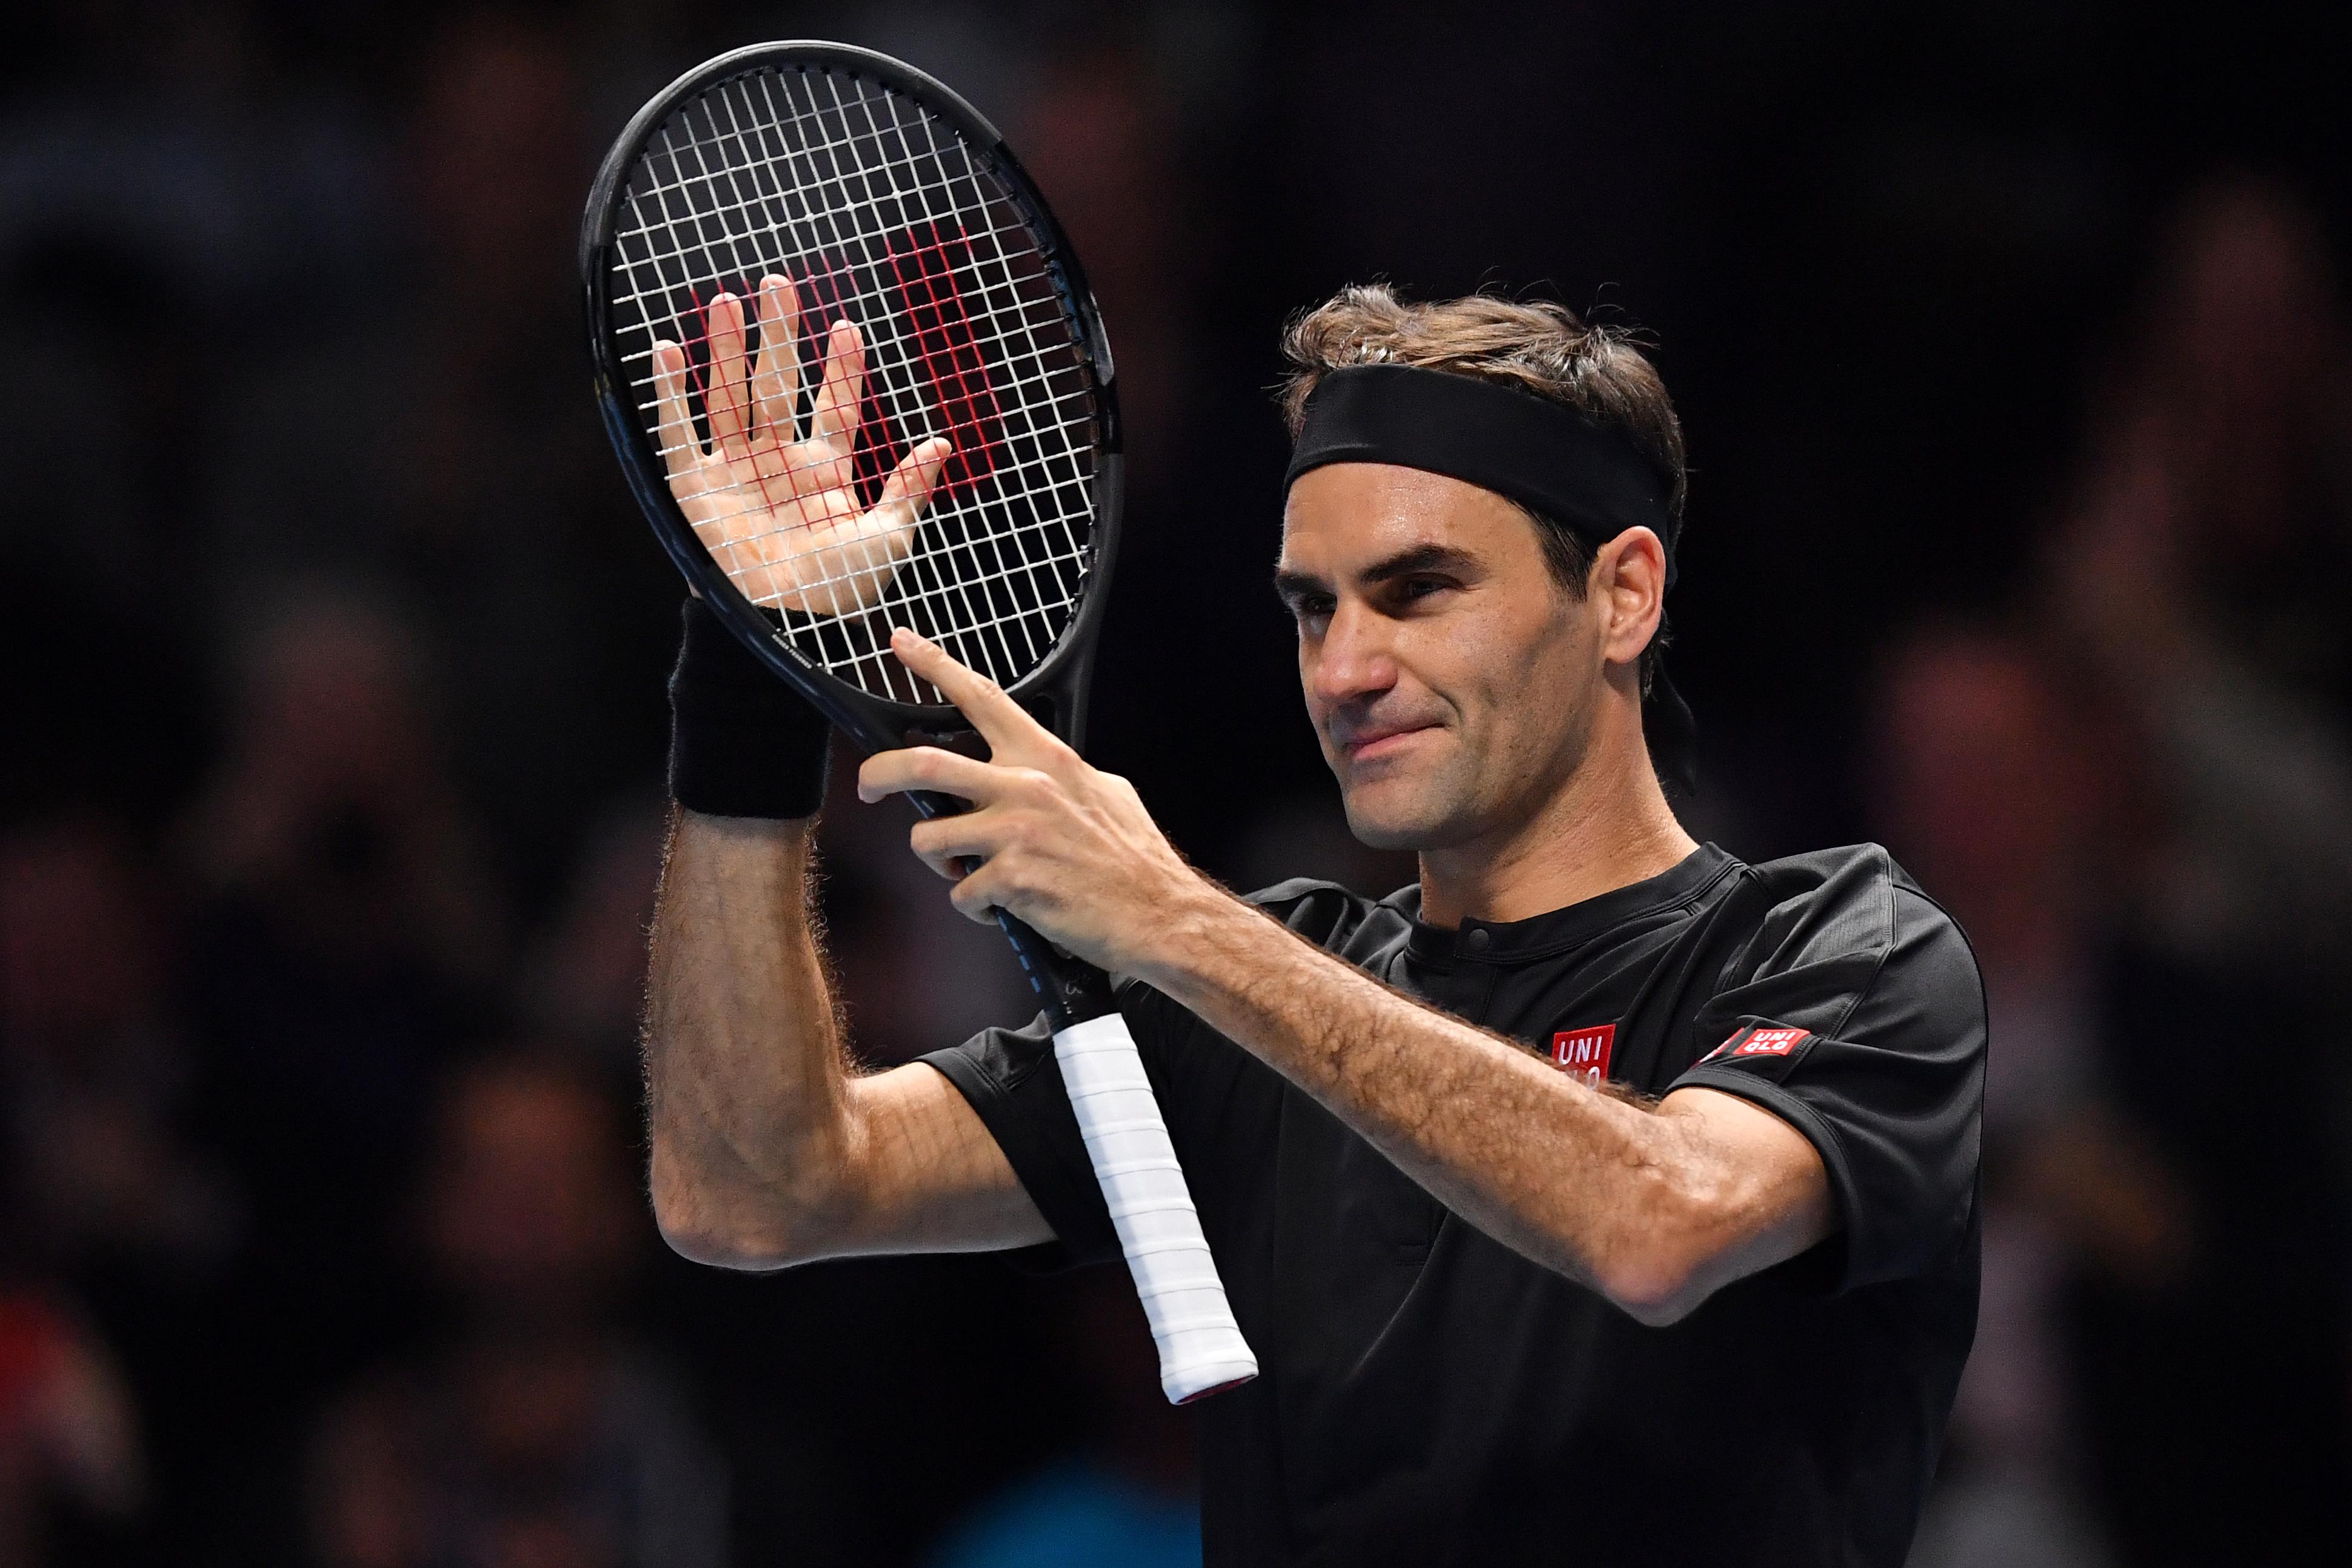 Federer acredita que regresso do circuito ATP está longe e aconselha principais torneios a esperarem pelos adeptos